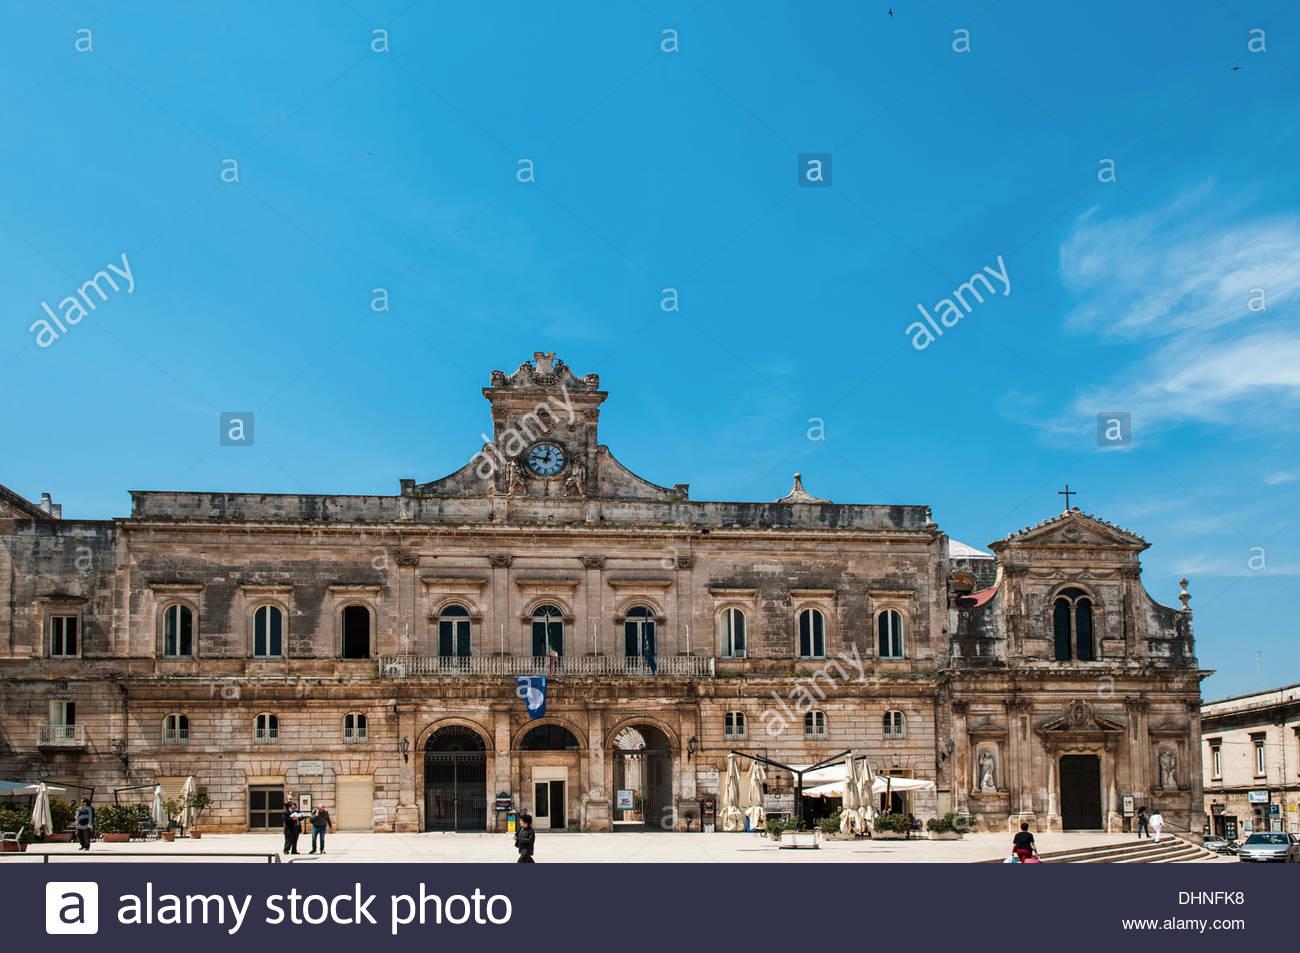 palazzo di città. ostuni,puglia,italy - Stock Image